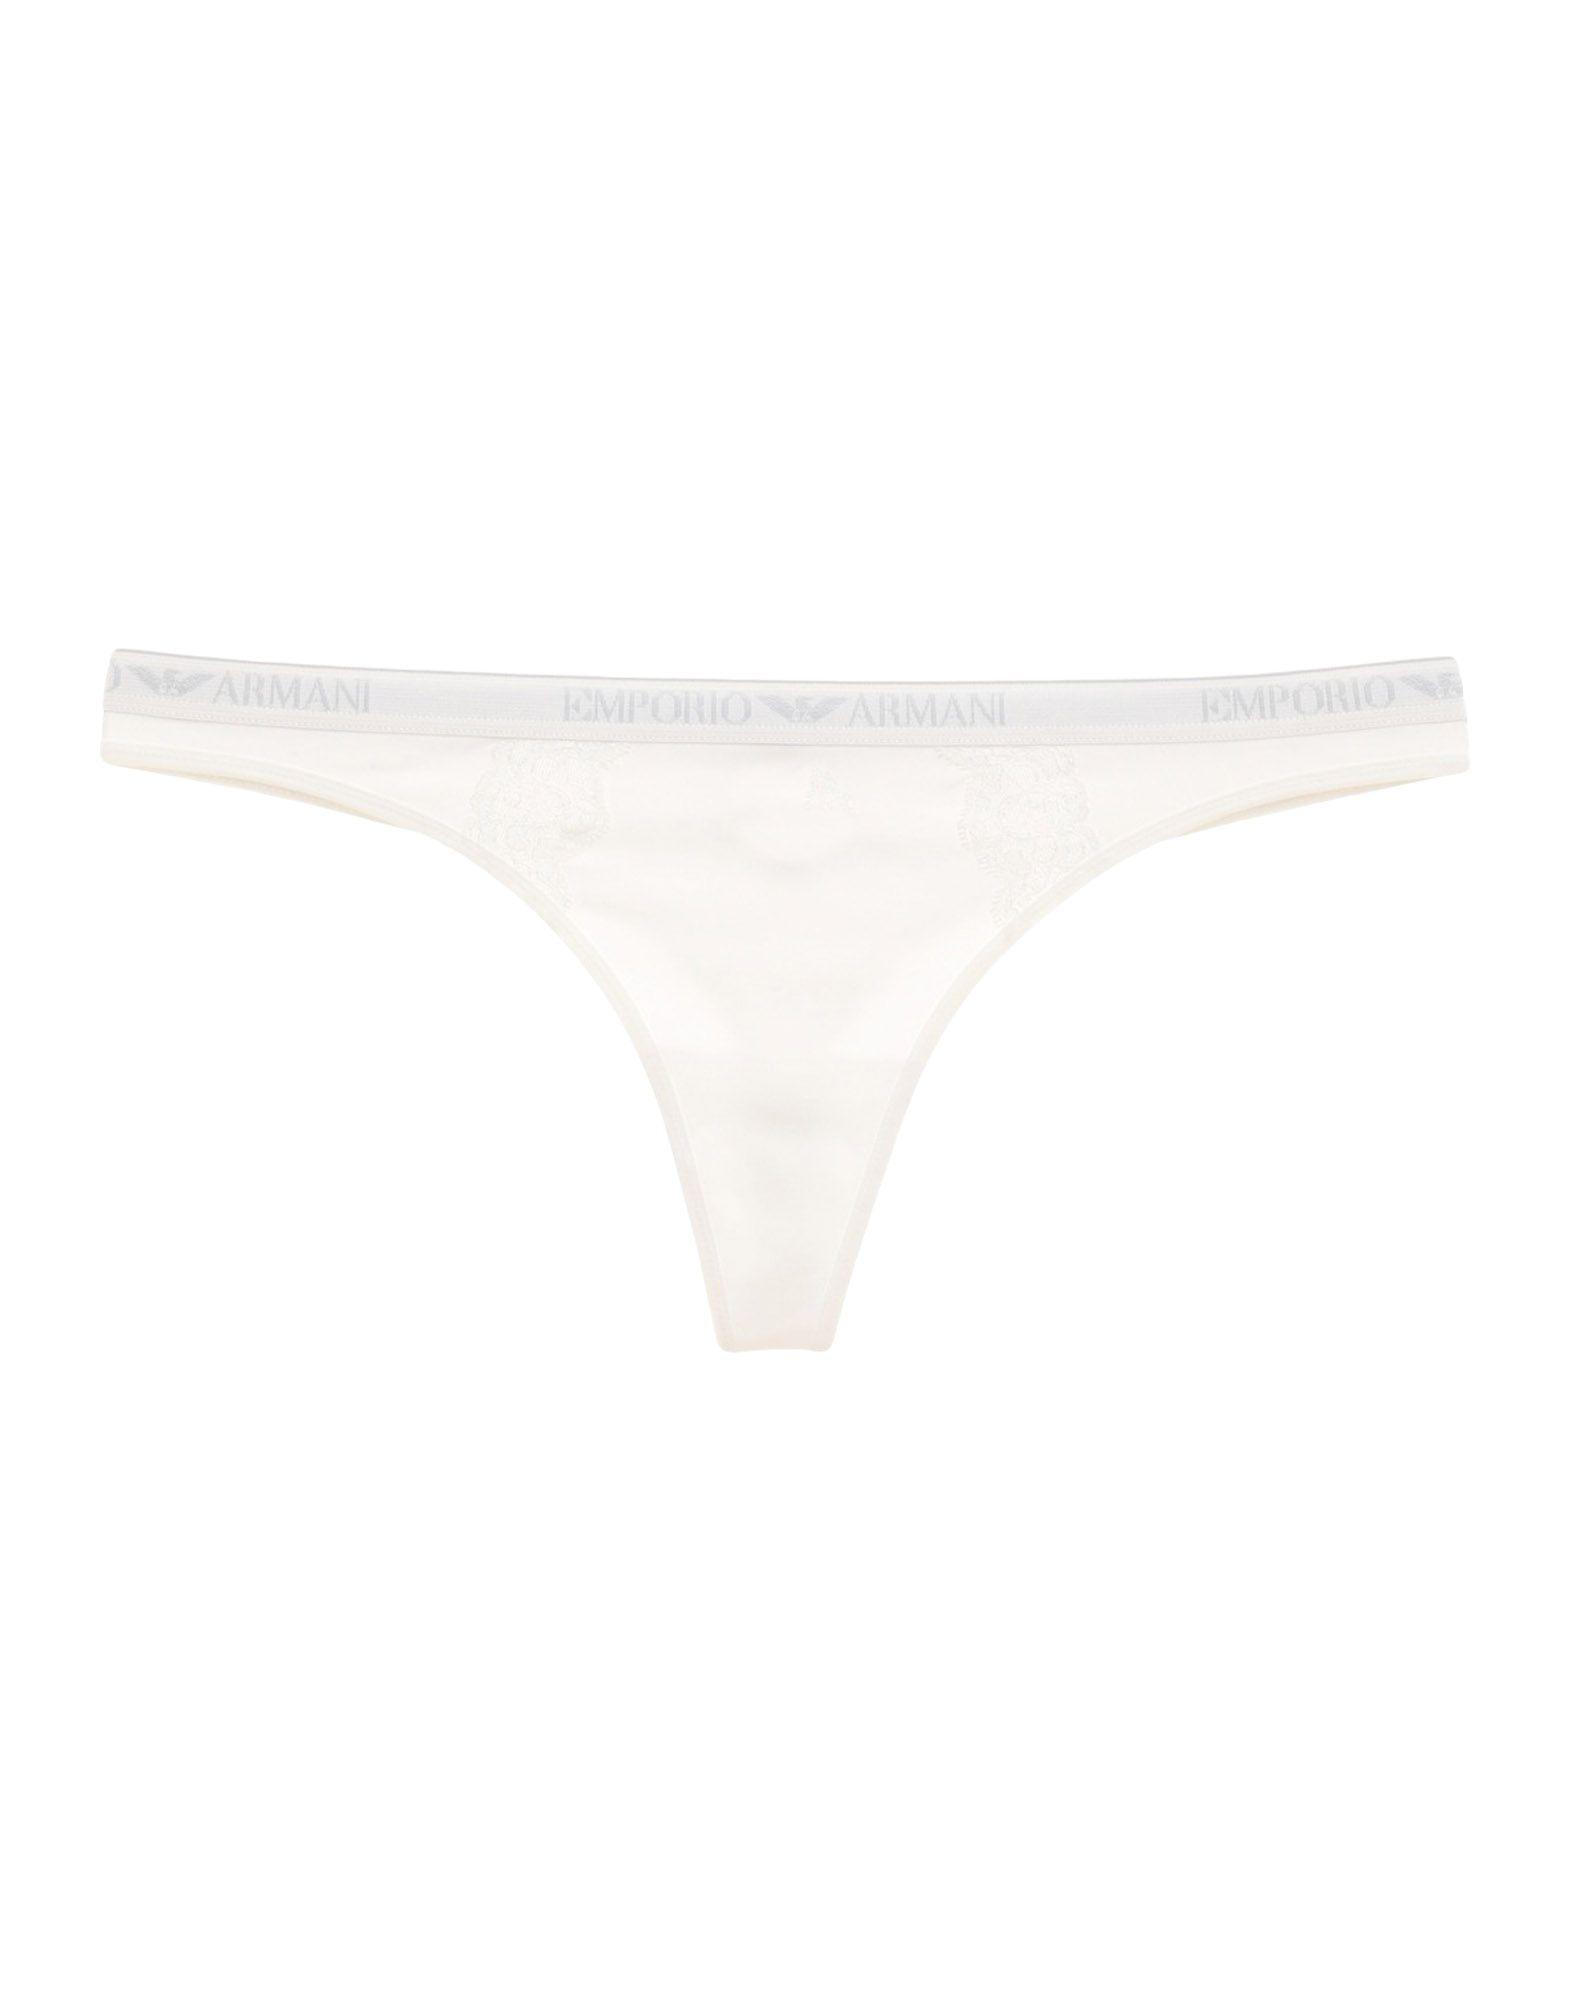 EMPORIO ARMANI Трусы-стринги новые горячие мода сексуальные мужские стрейч мягкий бикини стринги нижнее белье трусы